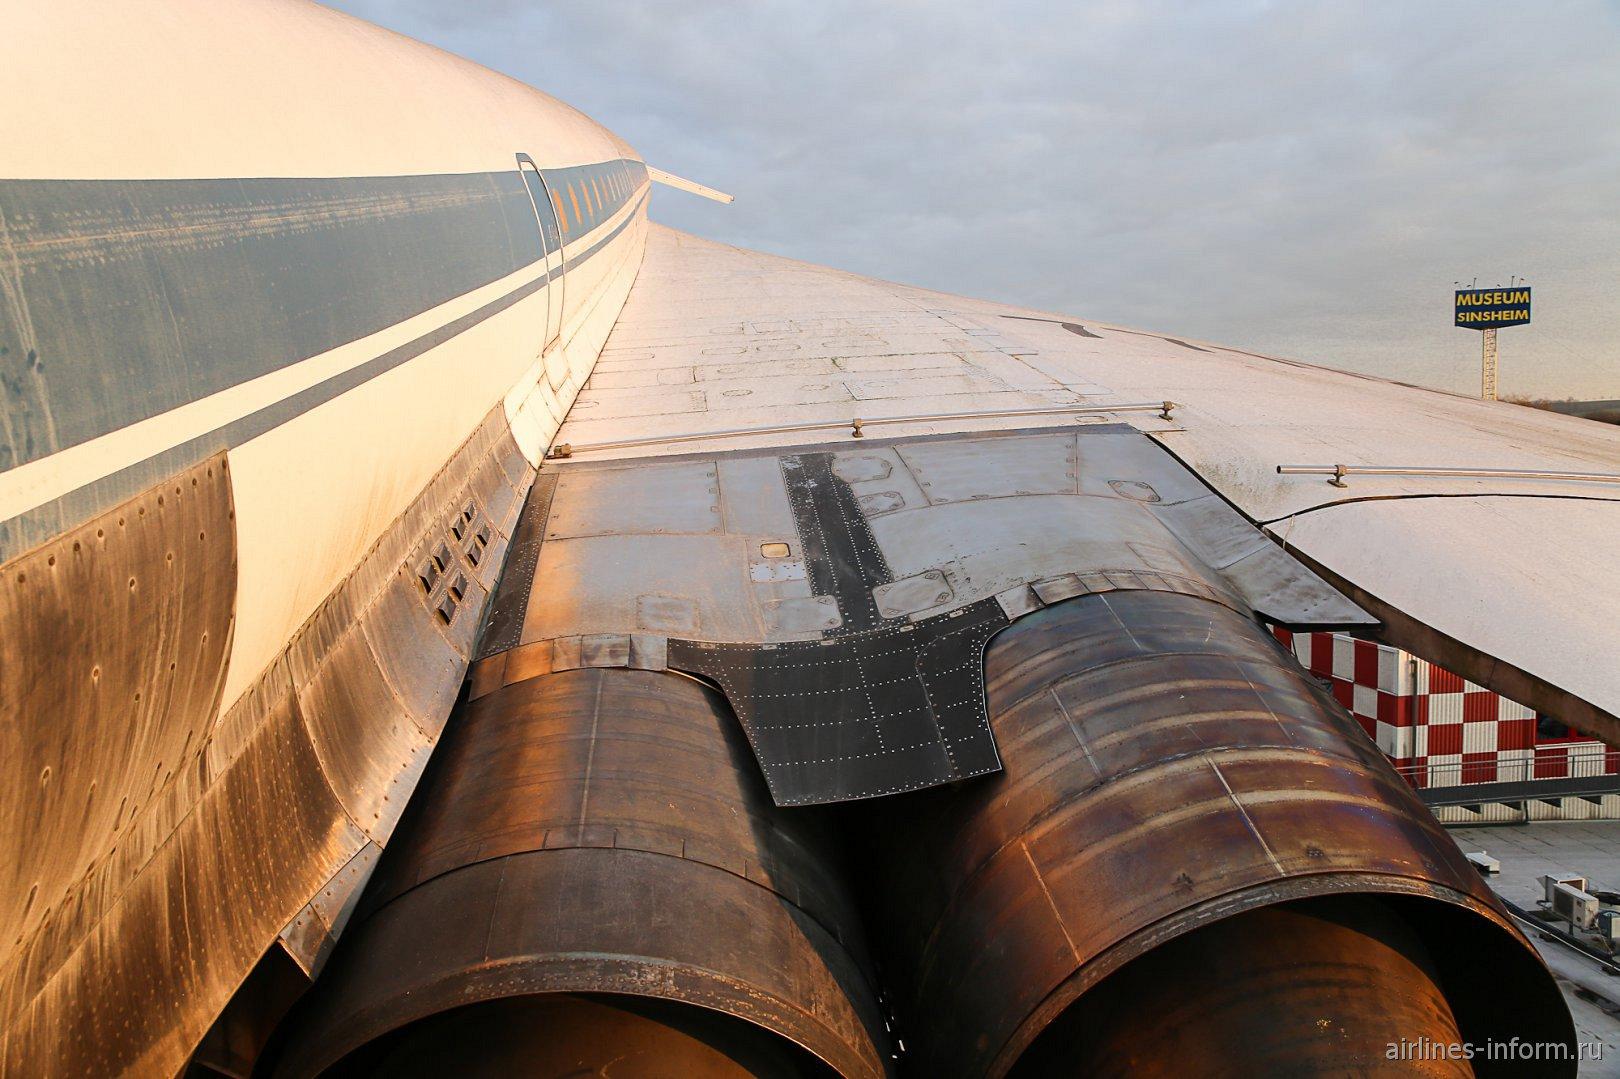 Самолет Ту-144 в музее техники в Зинсхайме